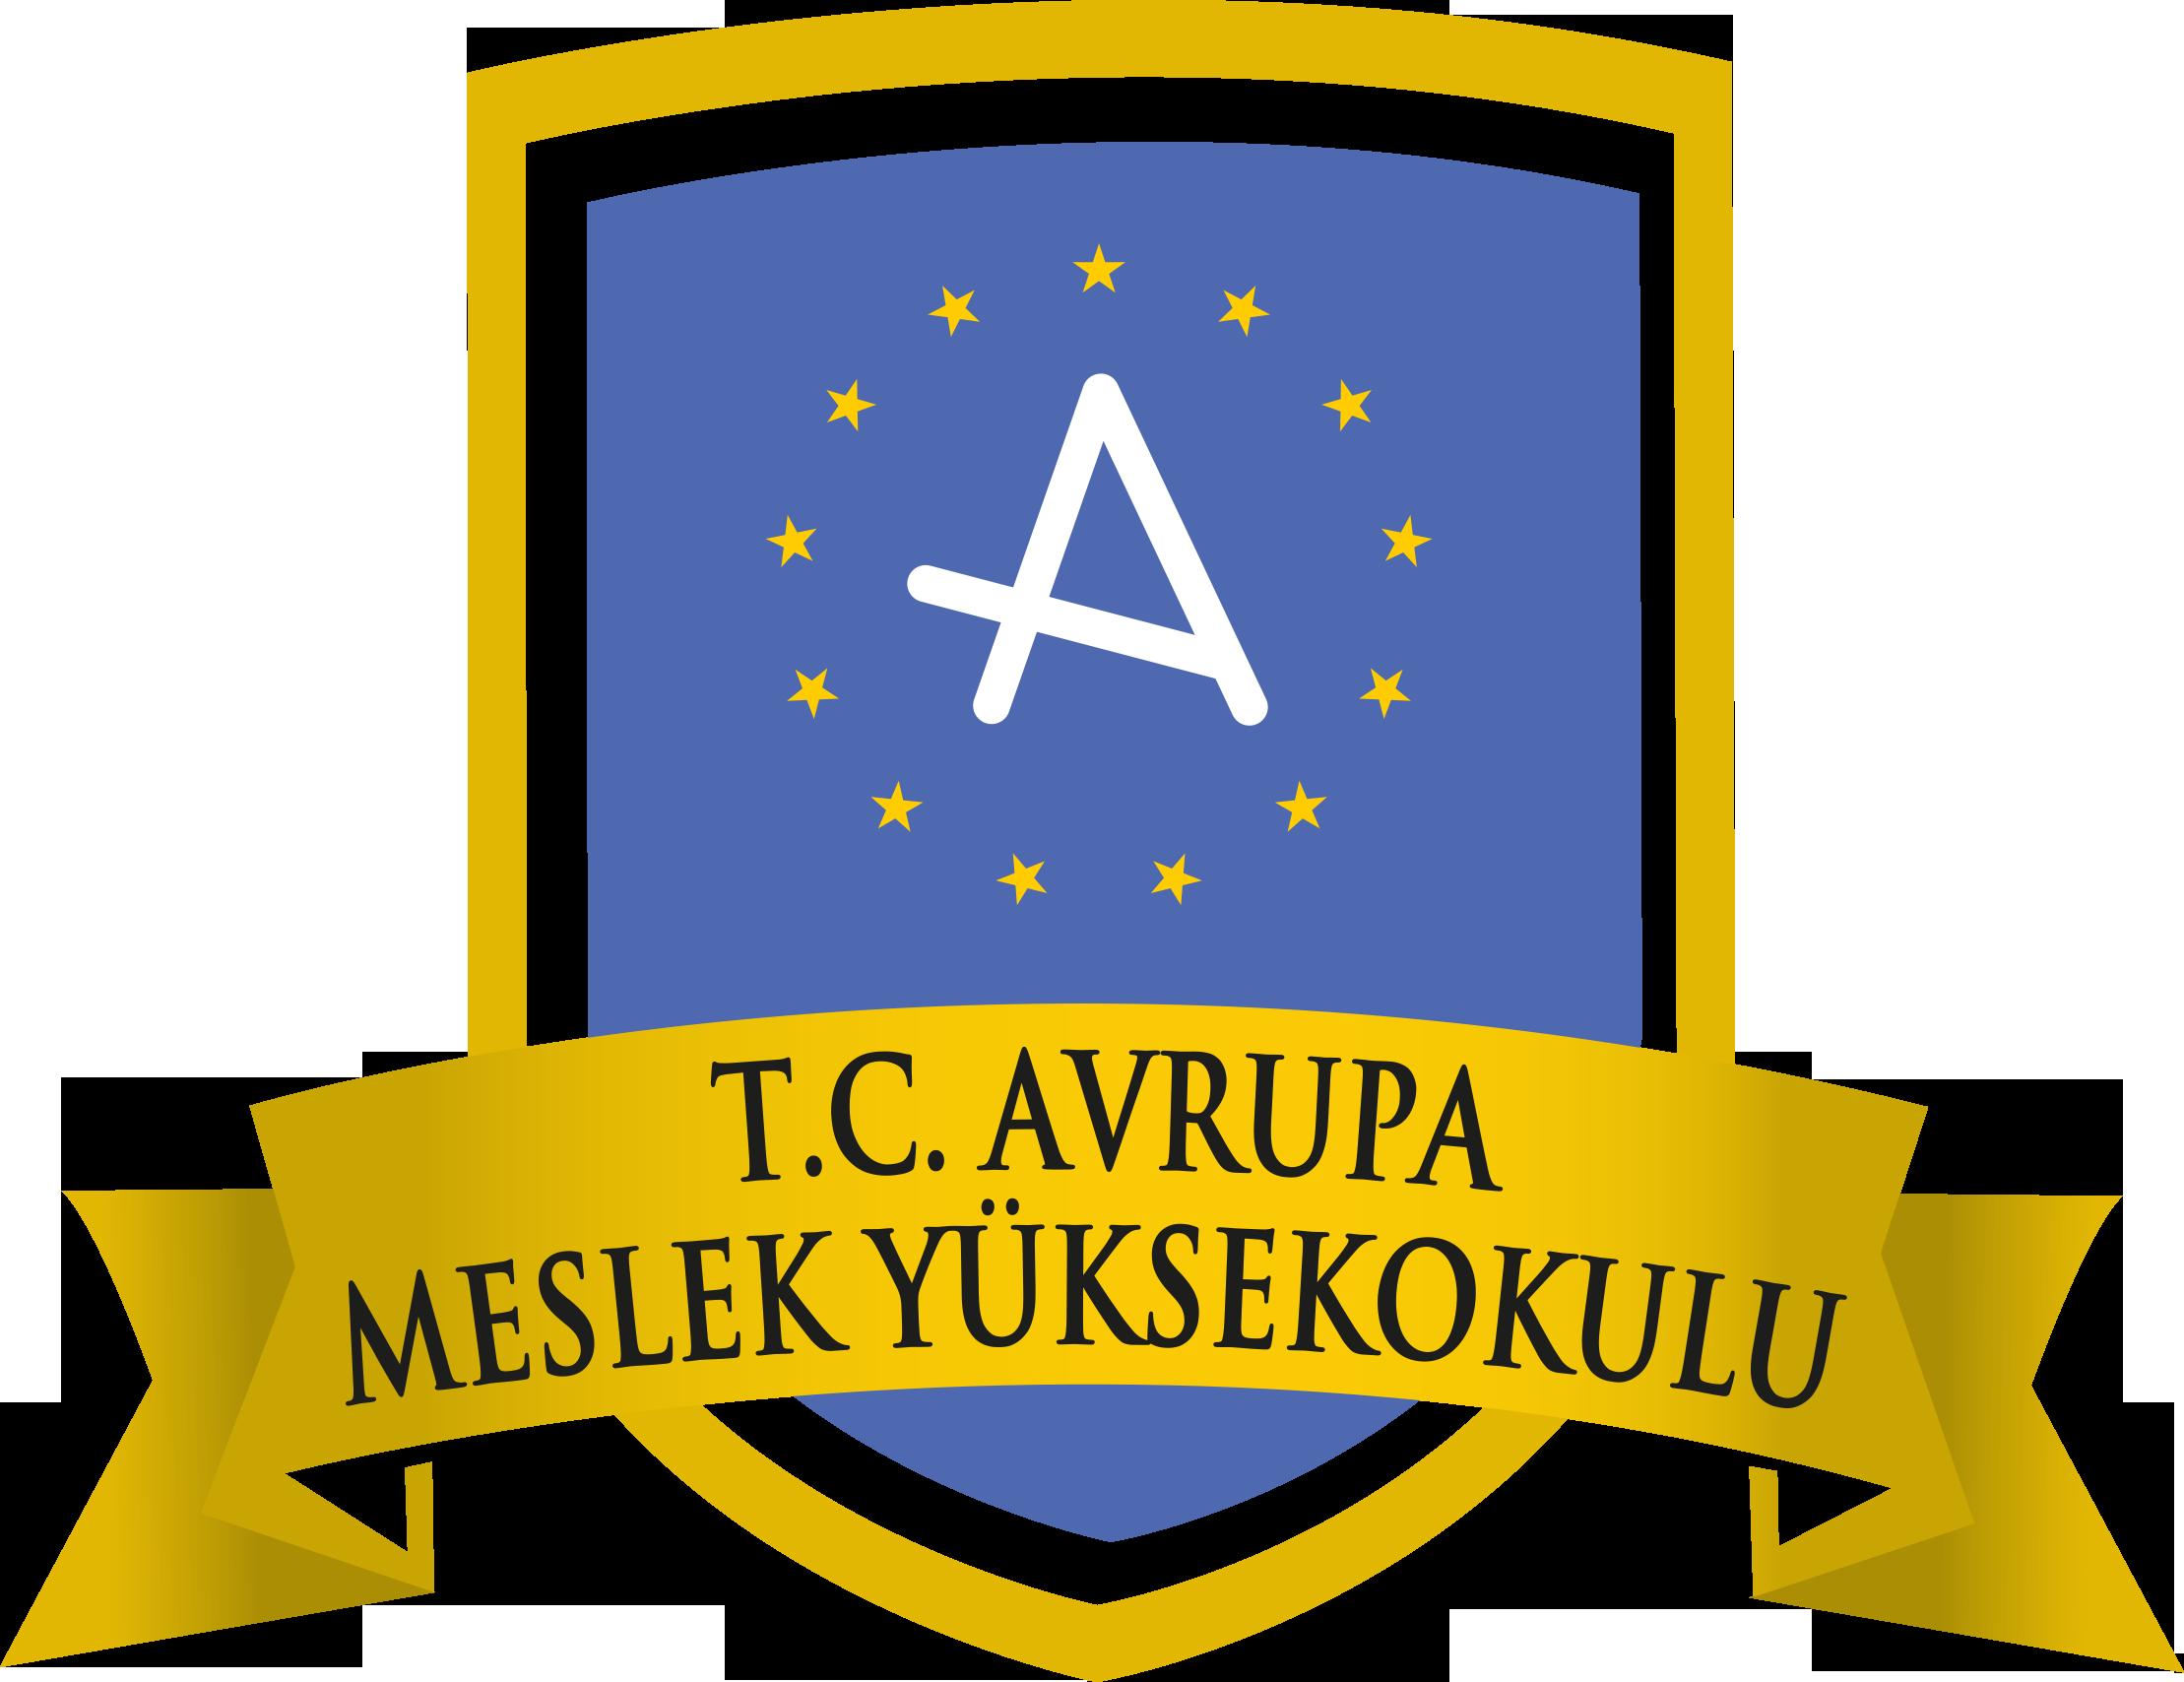 Avrupa Meslek Yüksekokulu Psikolojik Danışmanlık ve Rehberlik